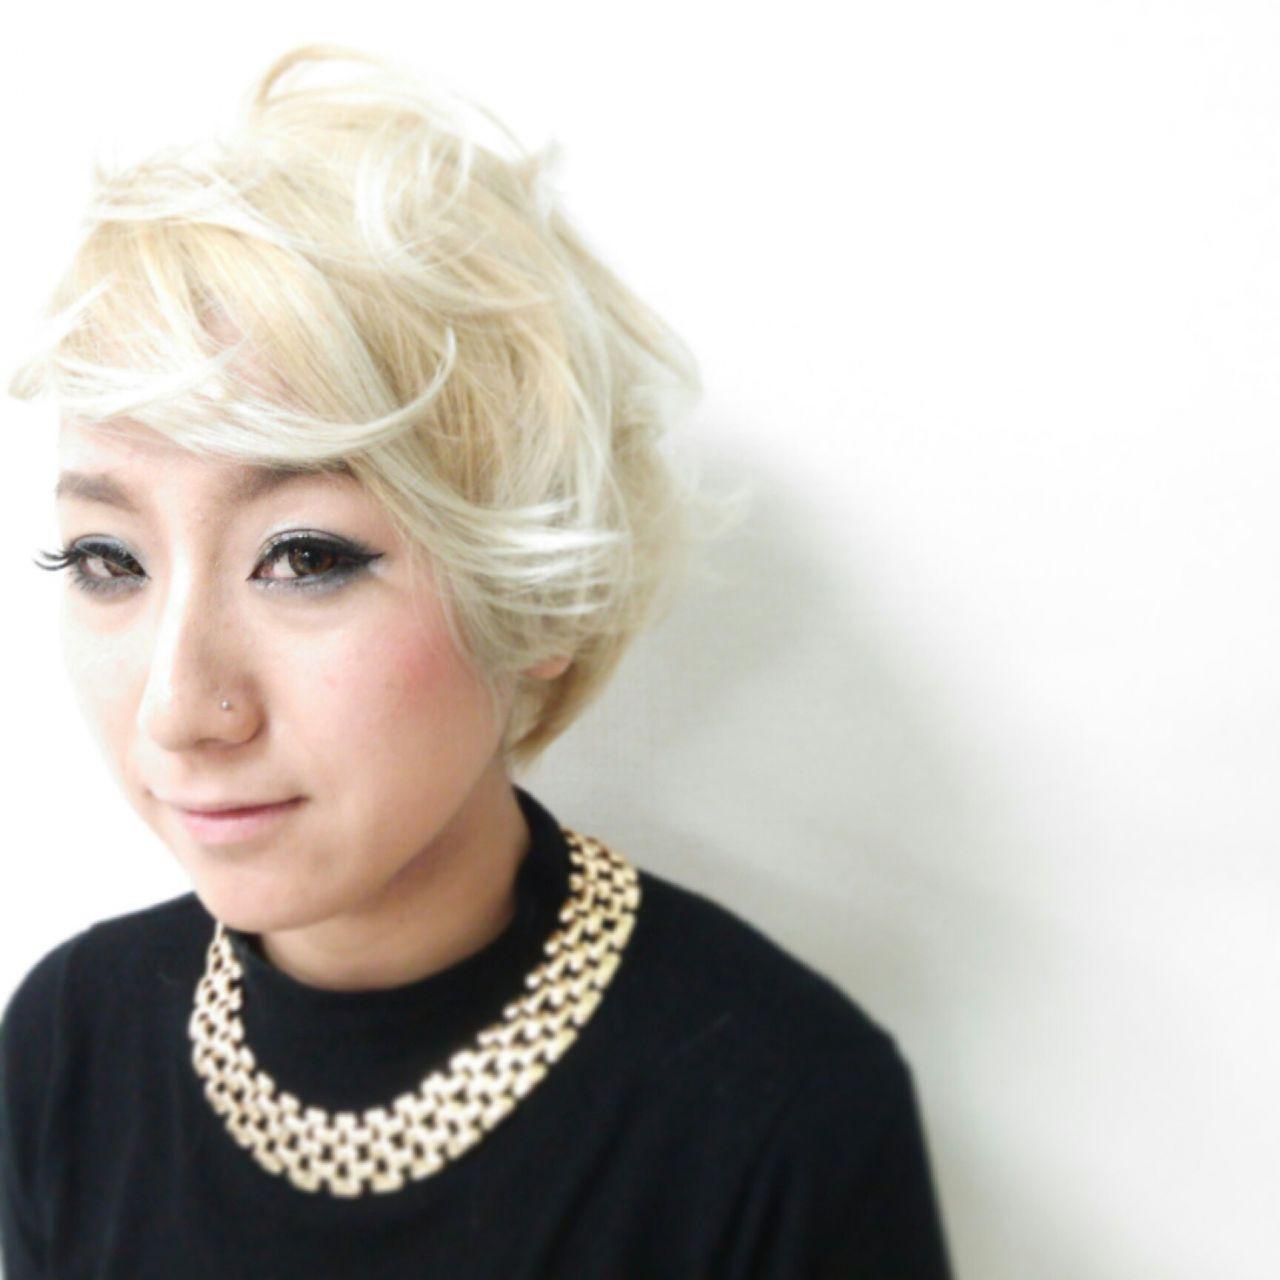 ブリーチ ダブルカラー ストリート ホワイト ヘアスタイルや髪型の写真・画像